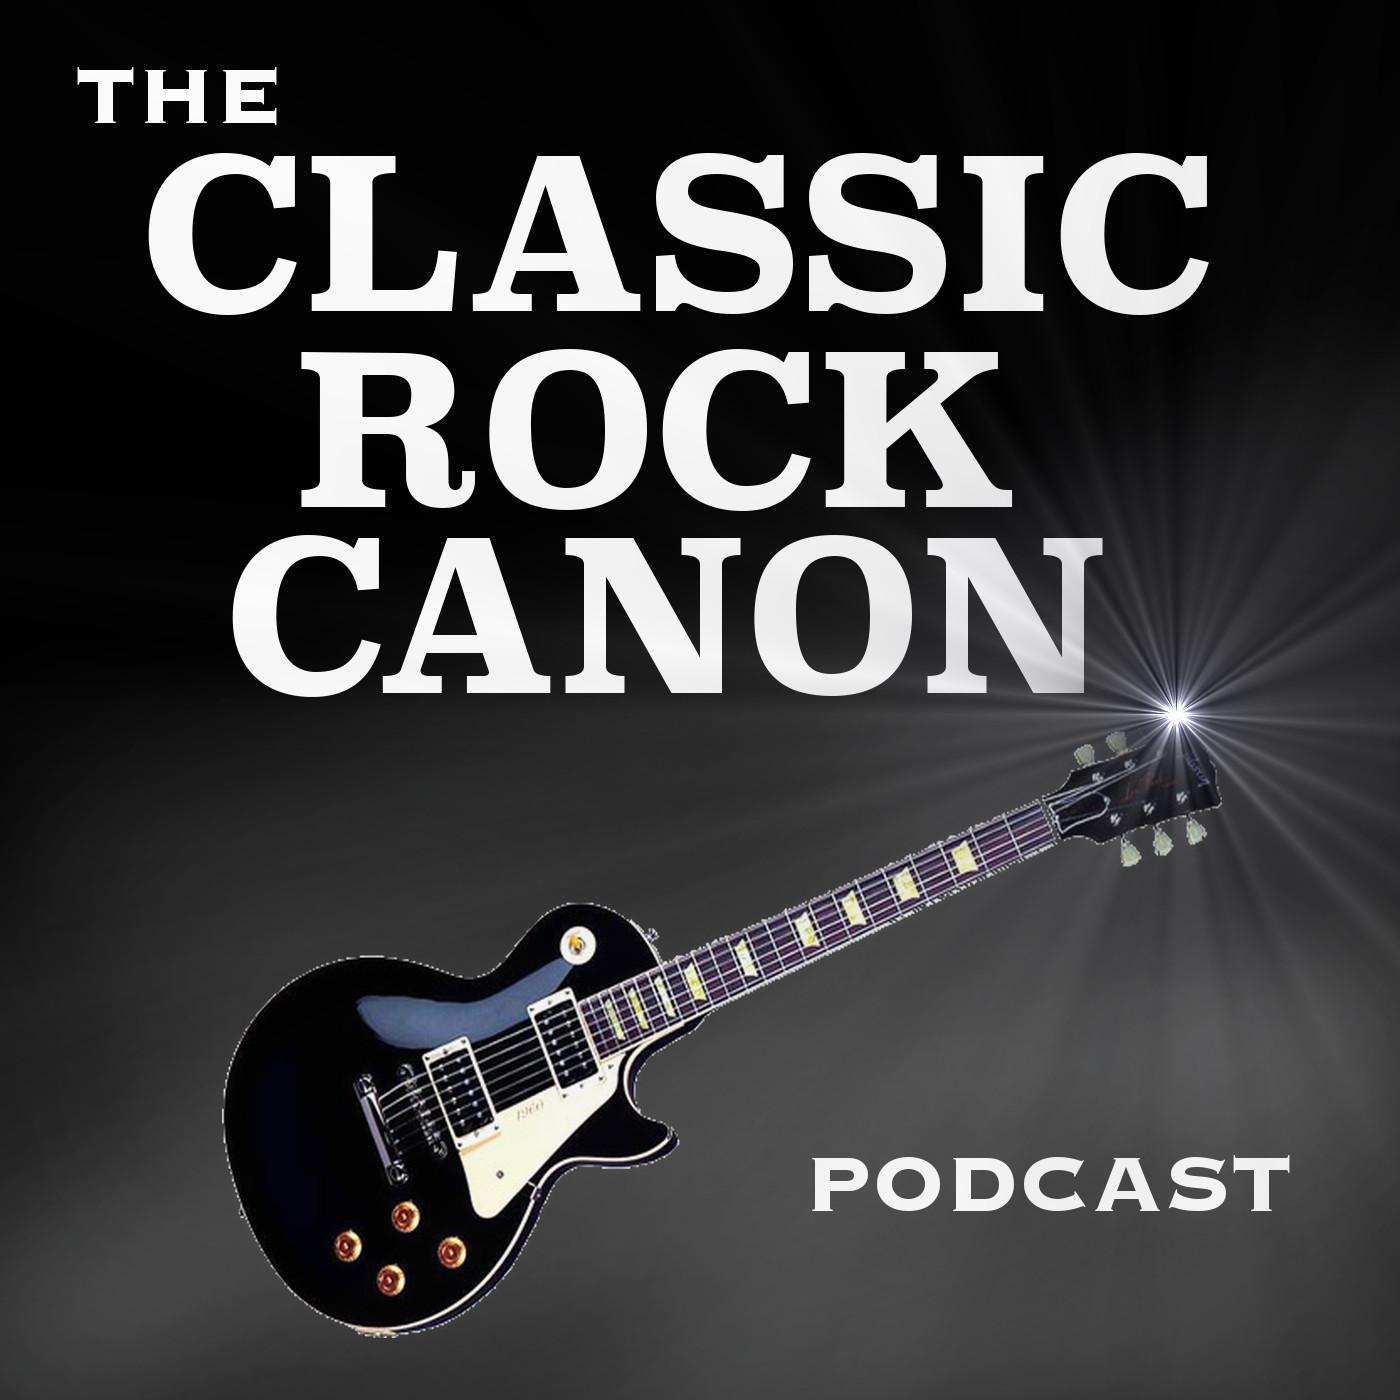 Classic Rock Canon Podcast